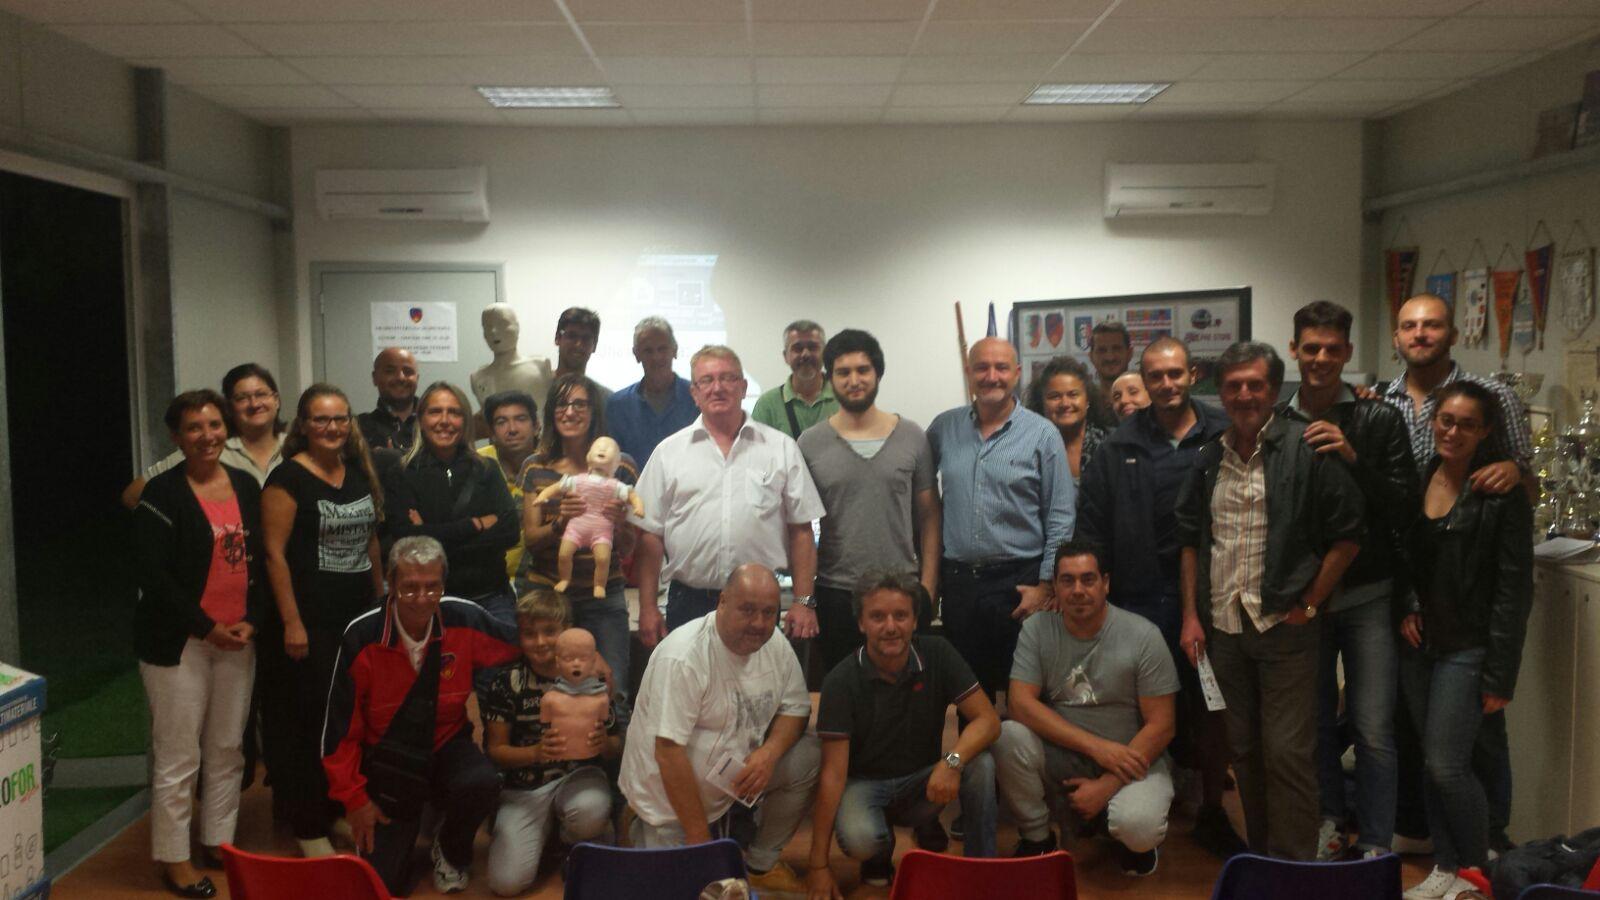 la consueta foto di fine corso, con gli amici dell' ASD SAN FREDIANO CALCIO